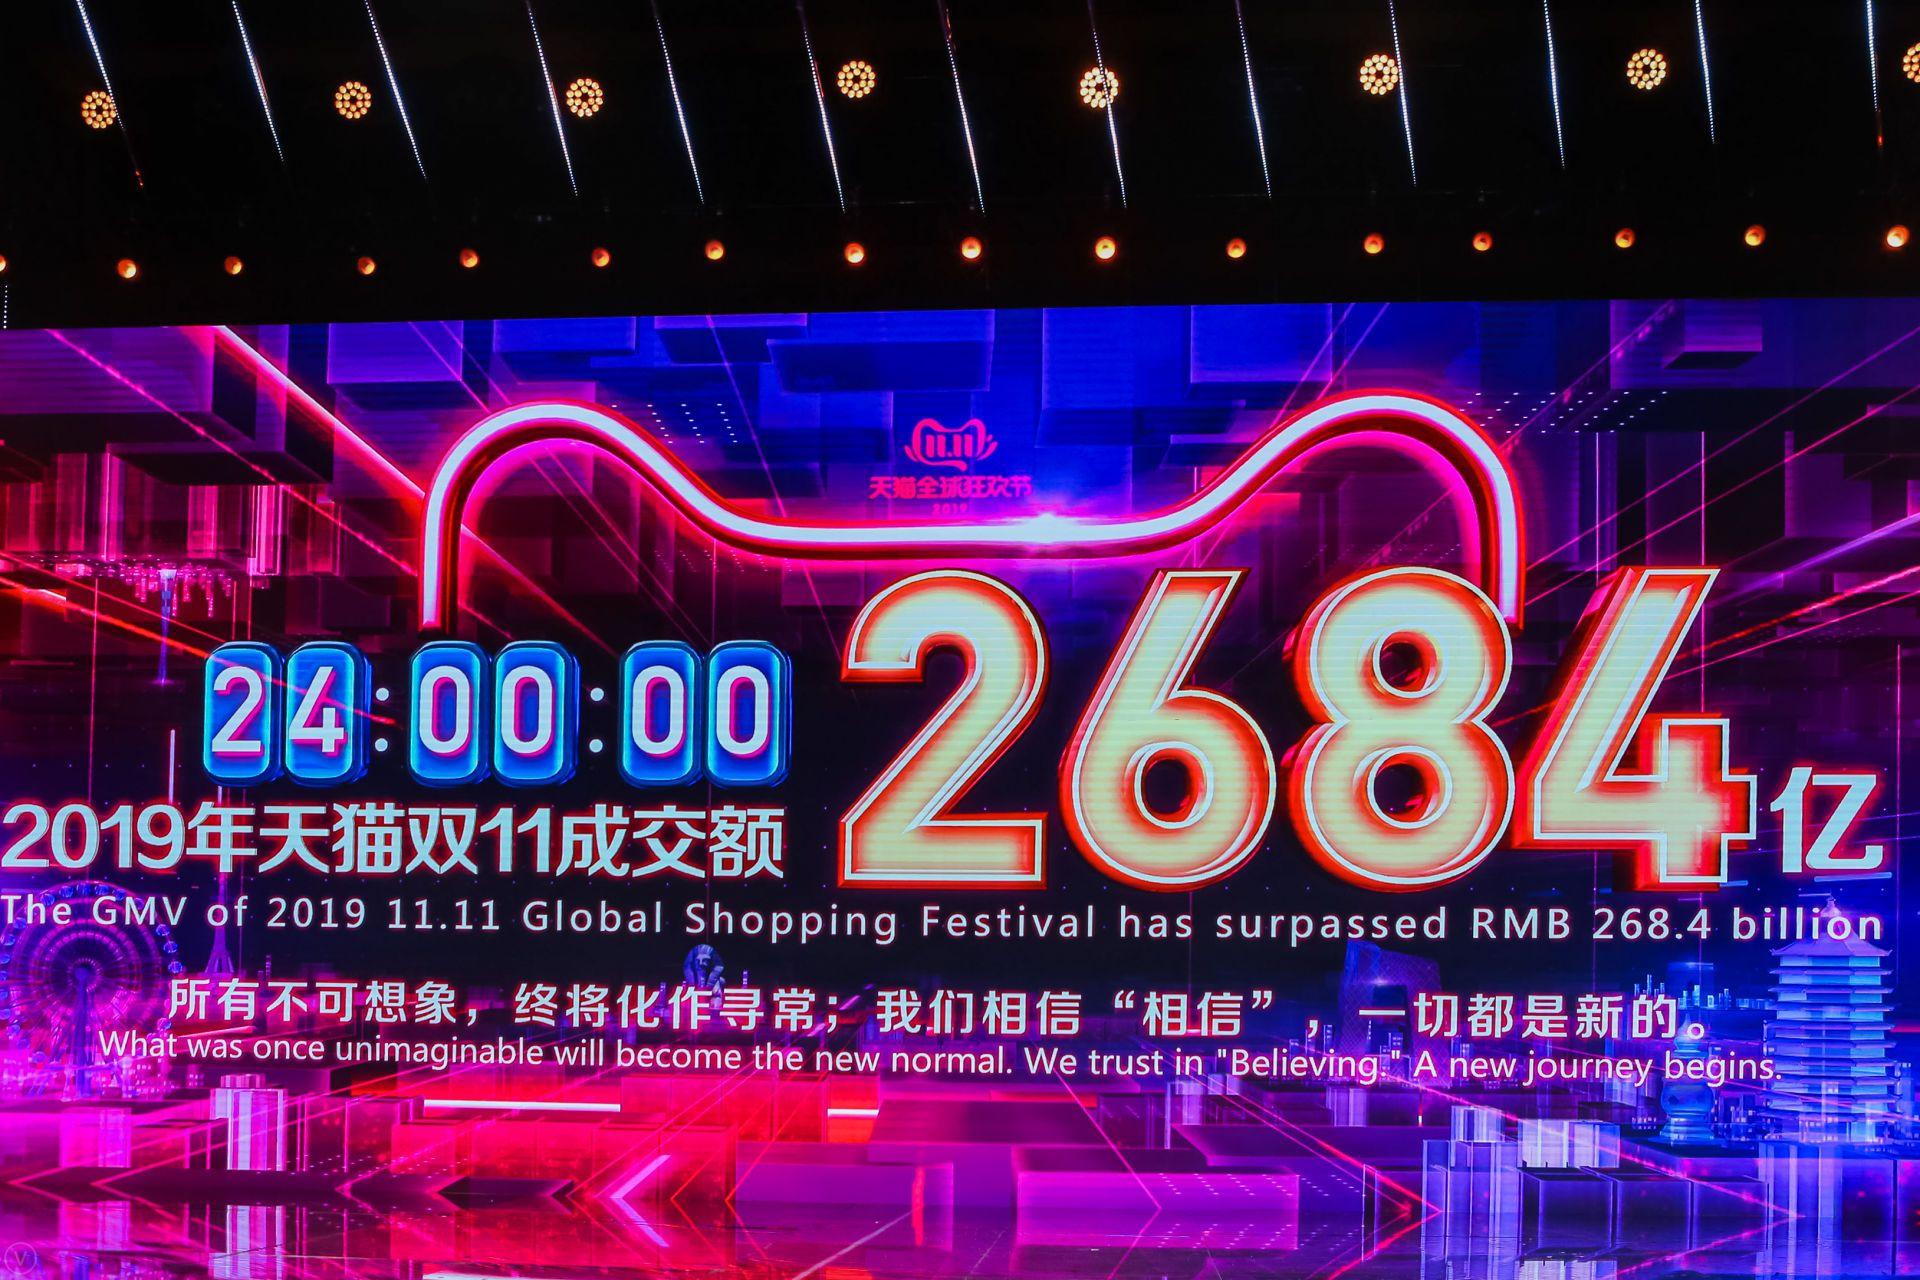 2019年天猫ダブルイレブンで過去最高のGMV 4兆円超えを達成